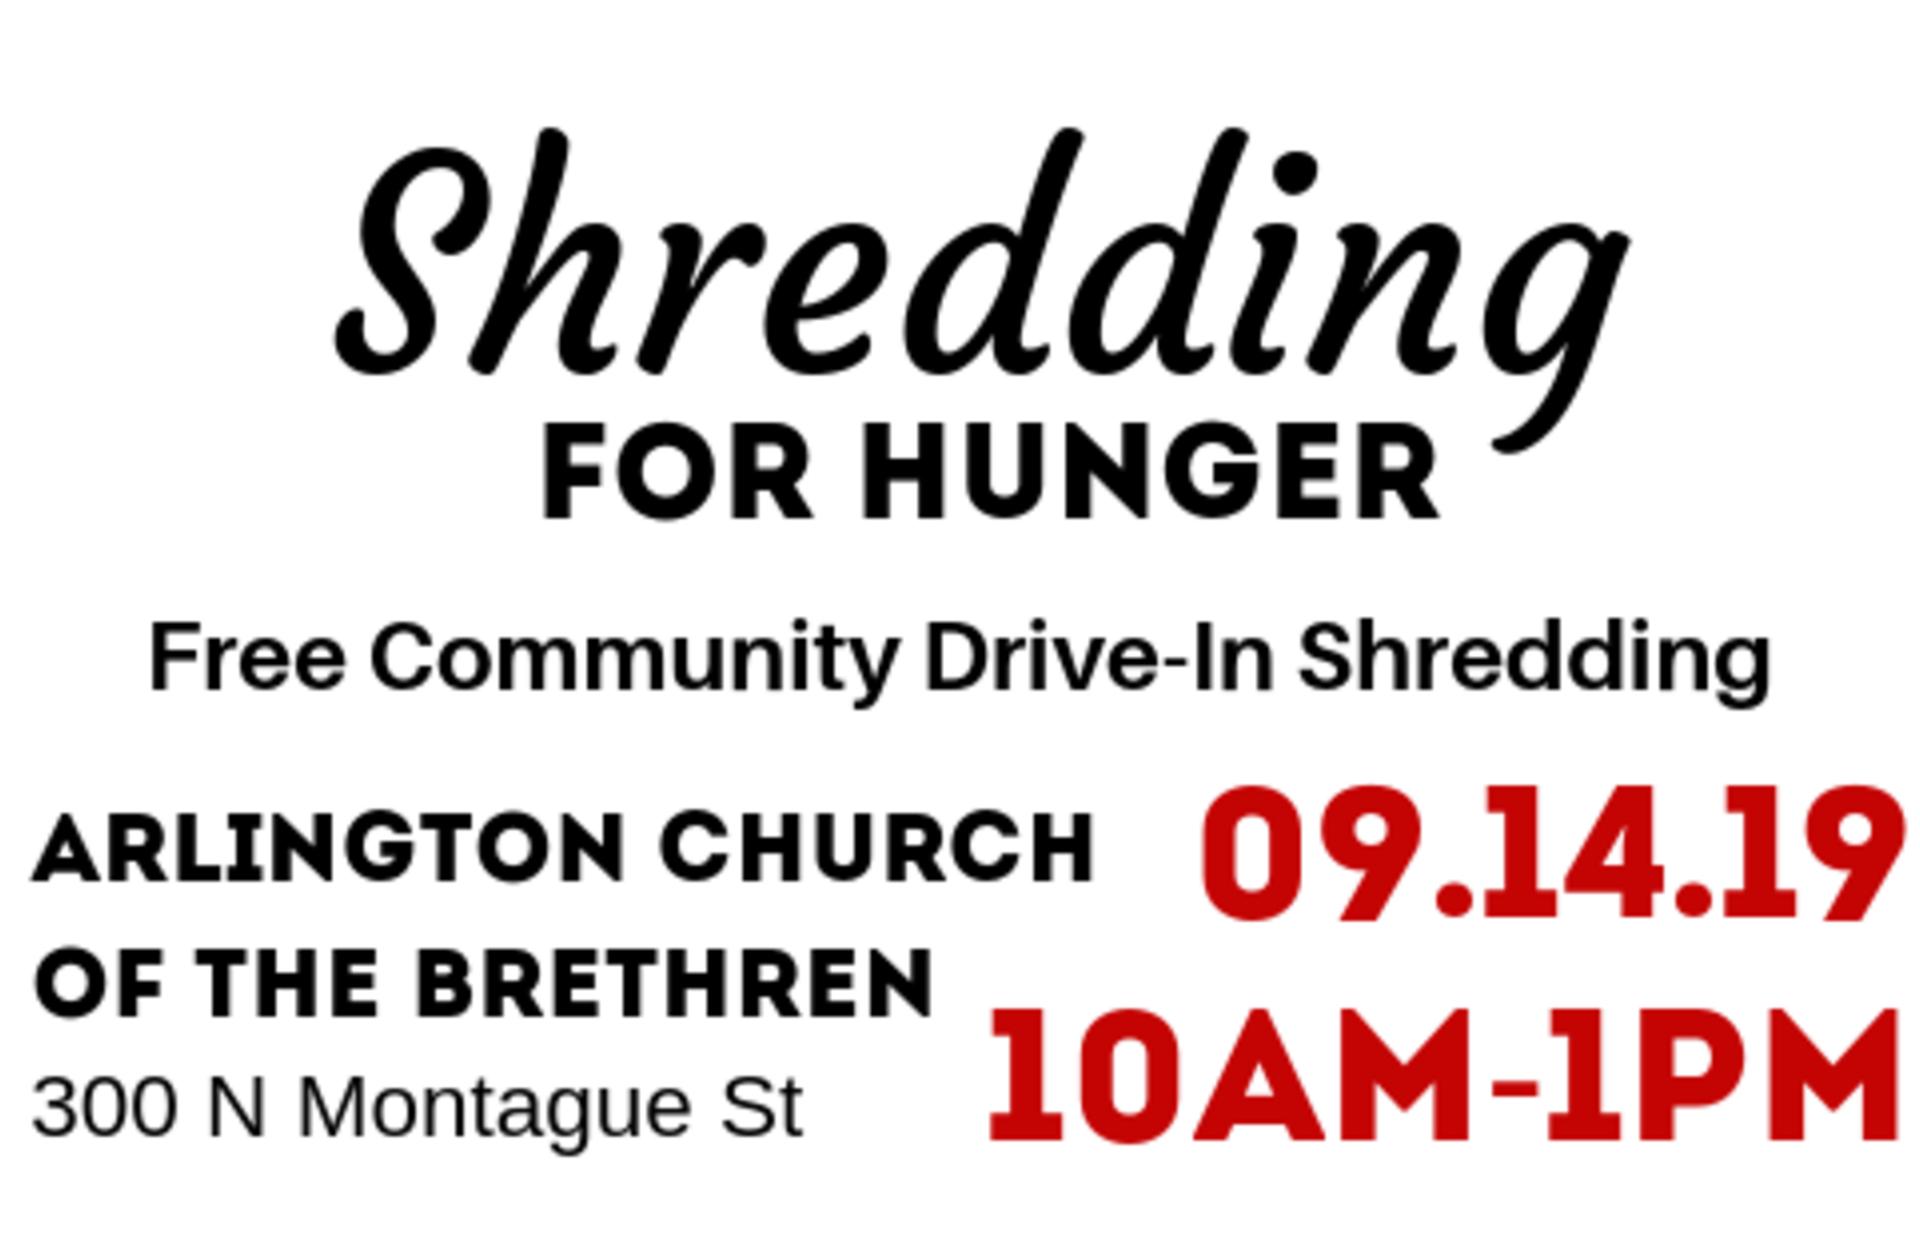 2019 Shredding for Hunger Community Impact